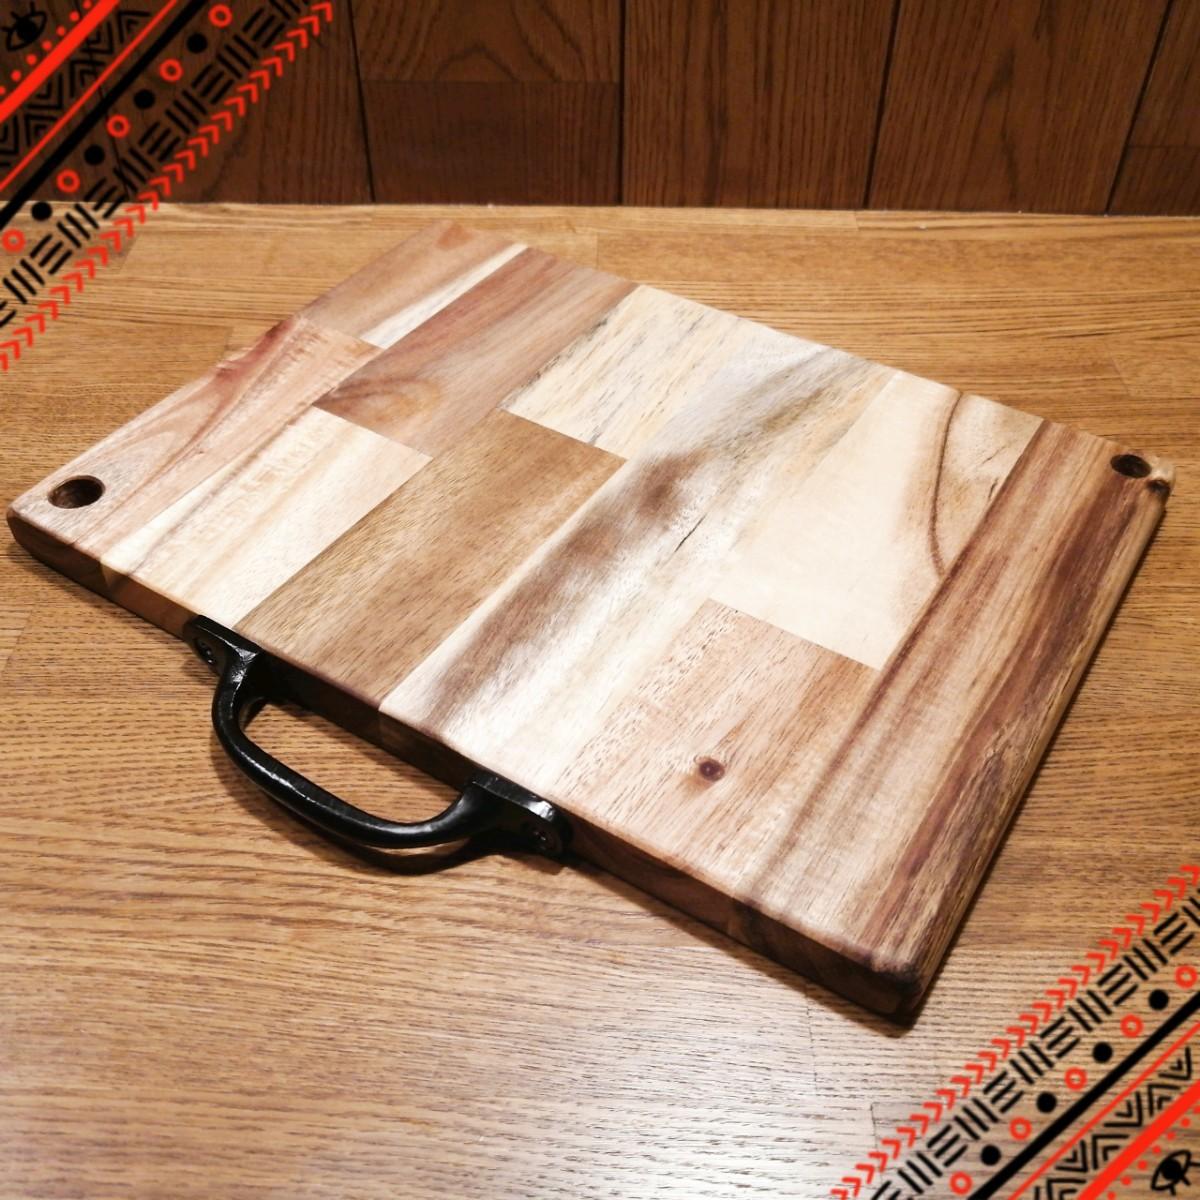 【本日限定価格】ペグテーブル・まな板・プレート兼用 アウトドアテーブル